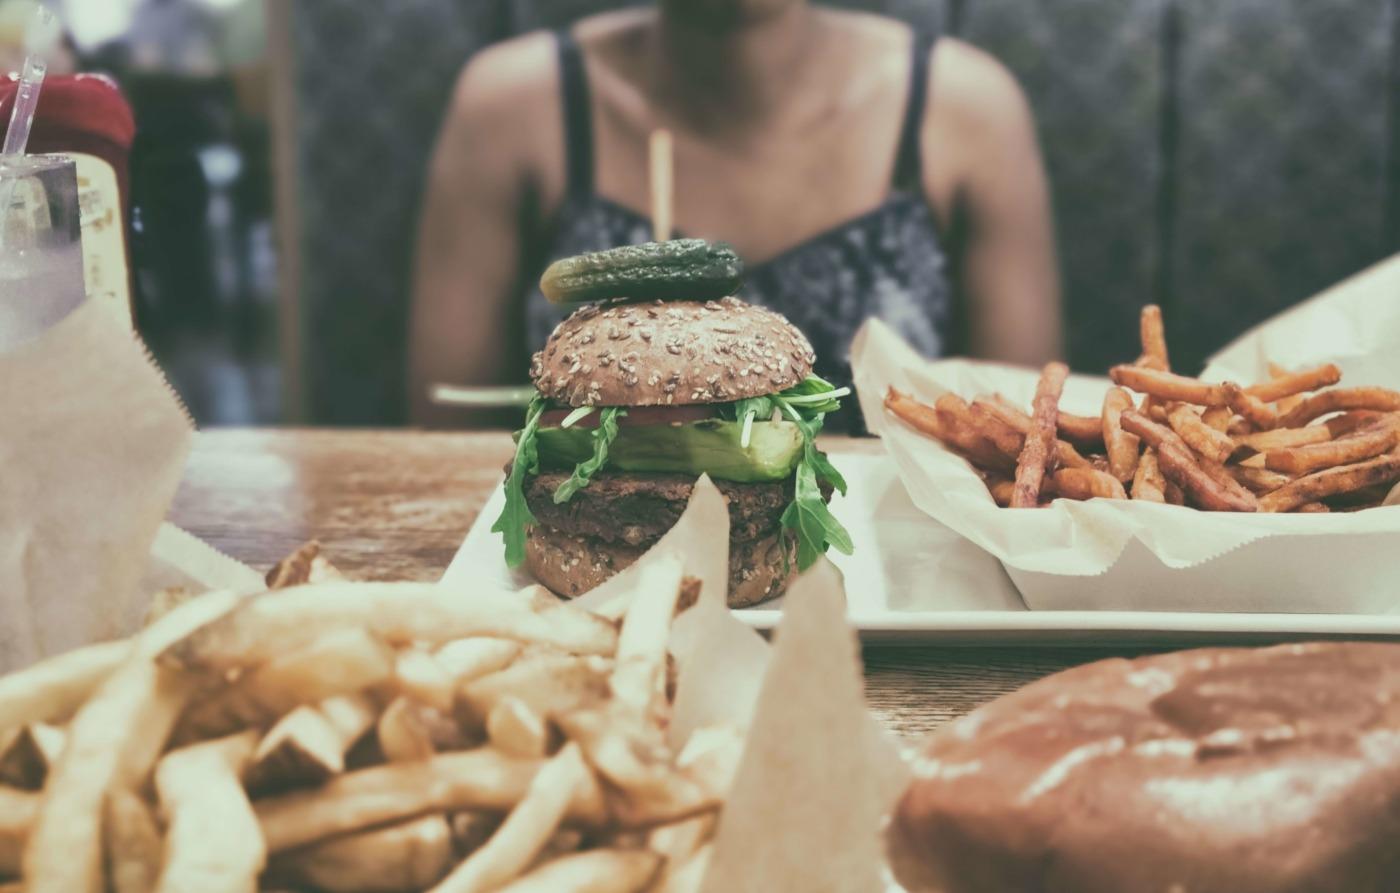 Food/ Image: Unsplash